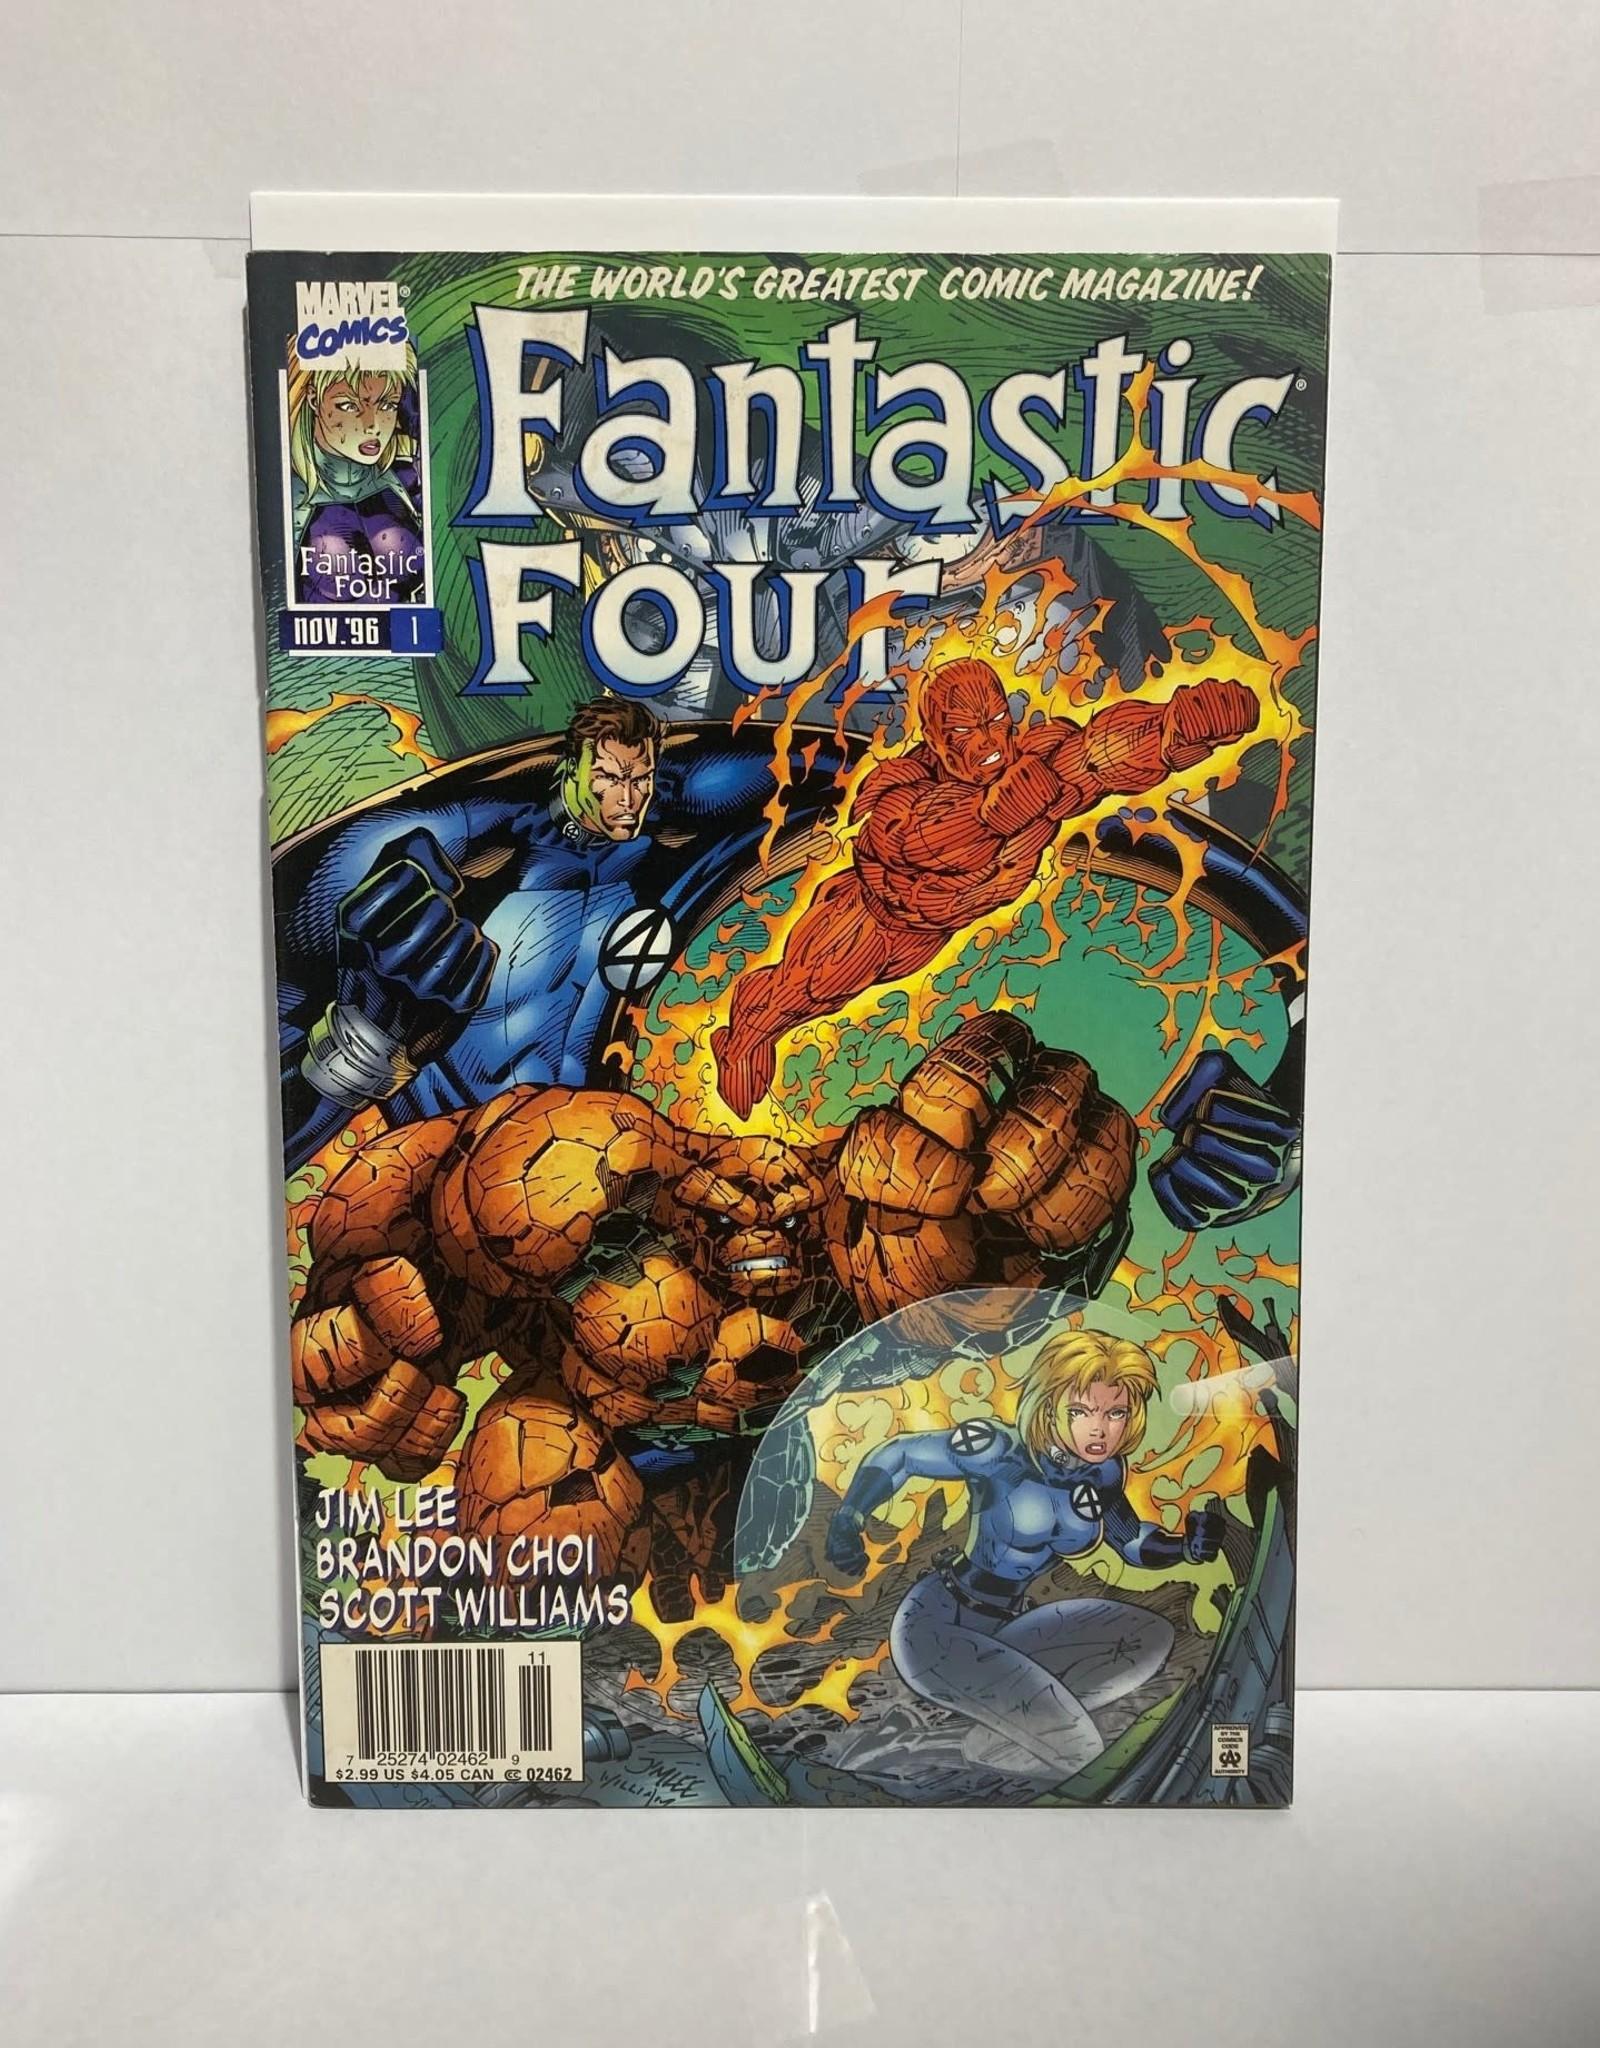 Marvel Comics Fantastic Four #1 (1996) cover A